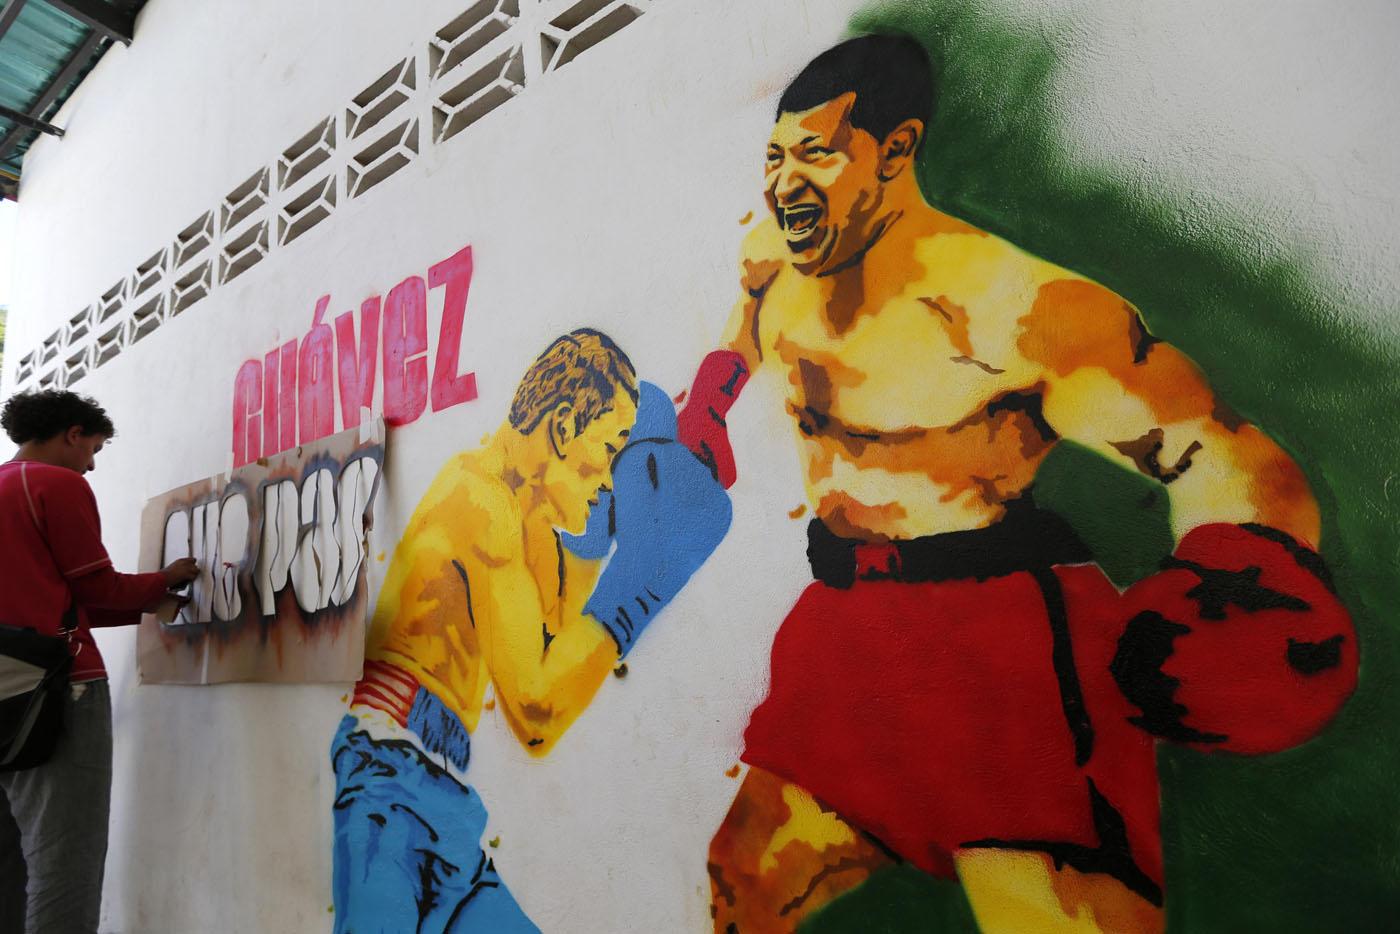 graffiti-hugo-chavez-boxe